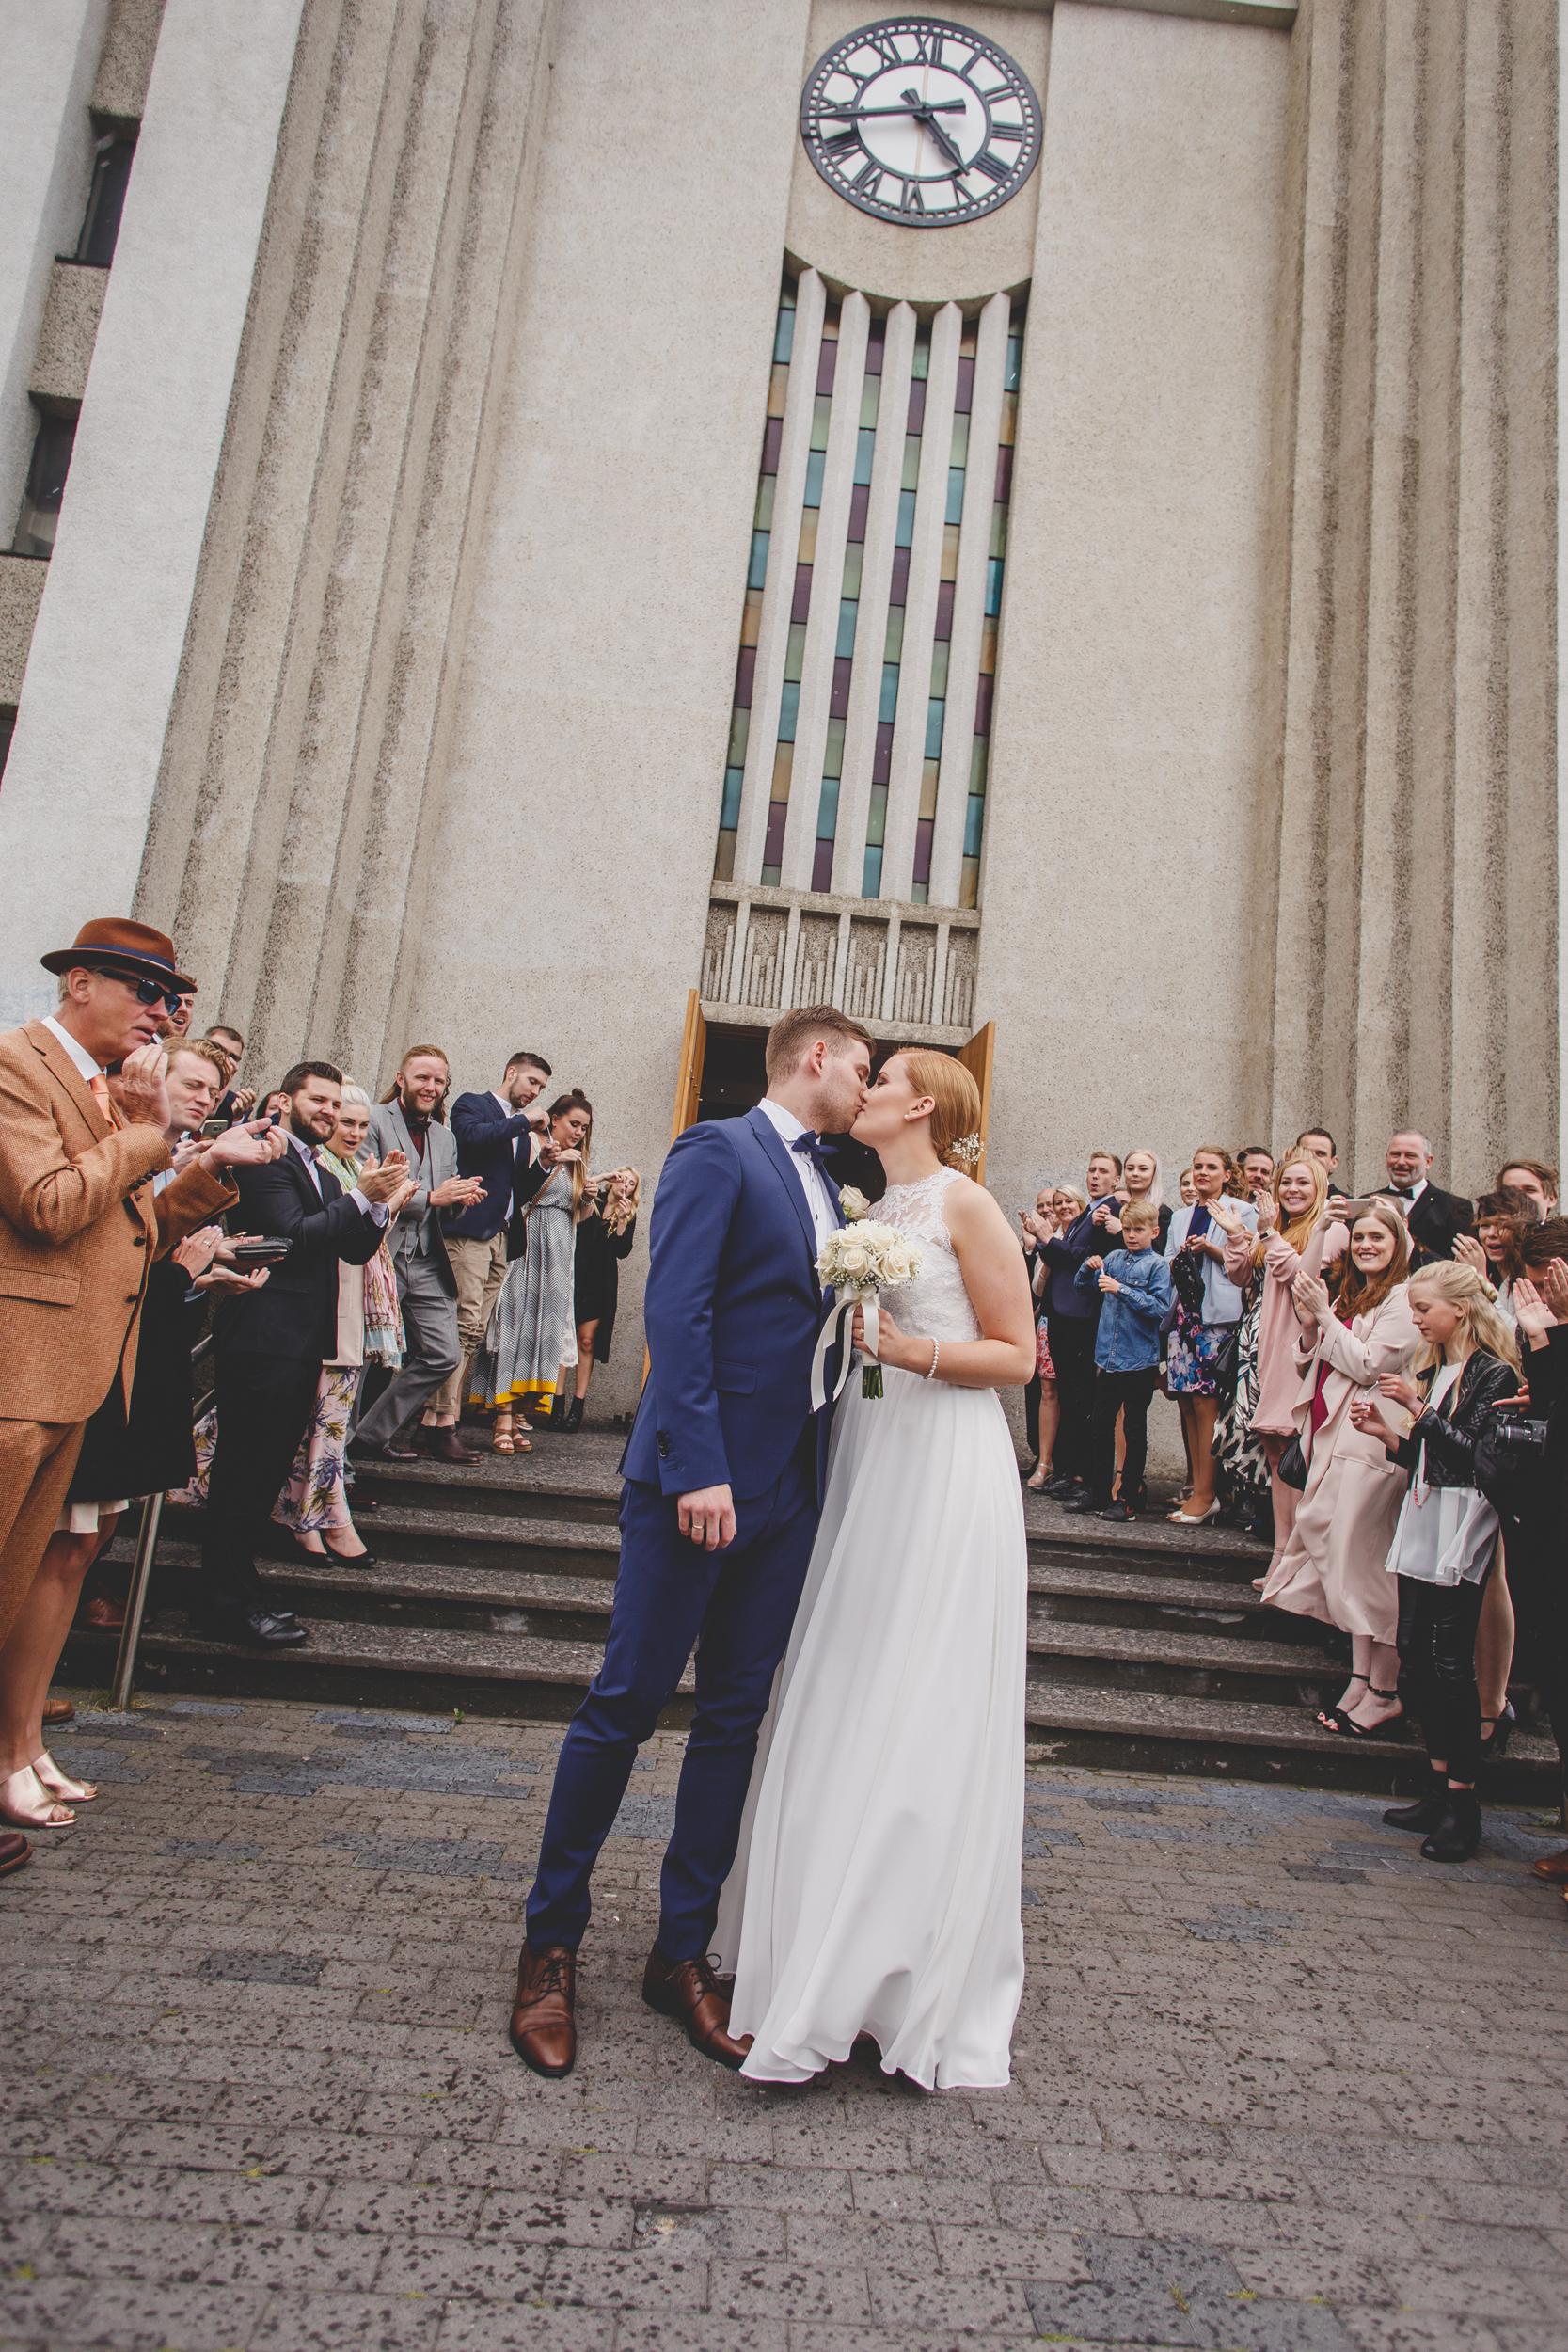 Brudkaup02-107.jpg